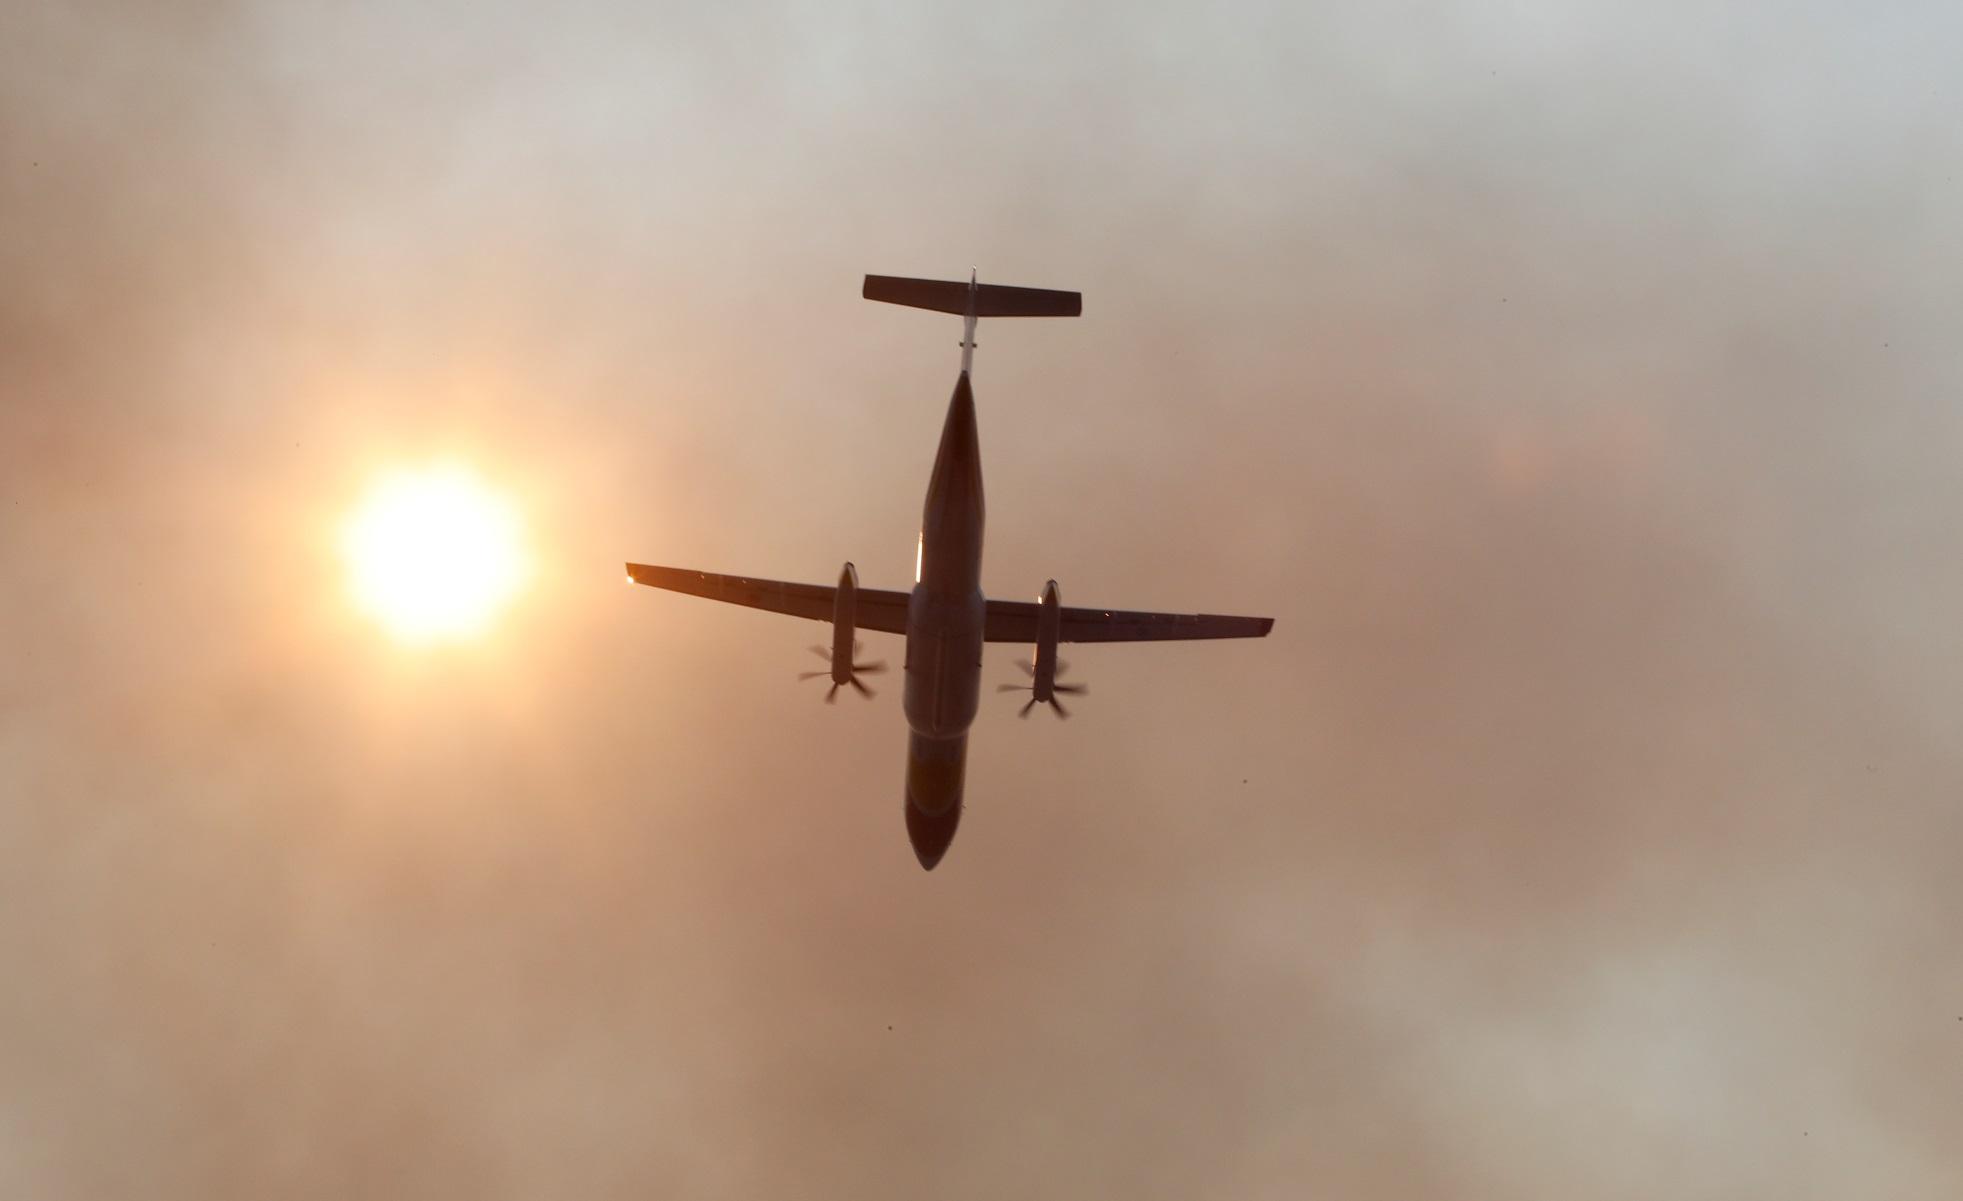 Φωτιά στη Γαλλία: Για 4η μέρα καίγεται η Κυανή Ακτή – 2 νεκροί και 63.000 στρέμματα καμένου δάσους